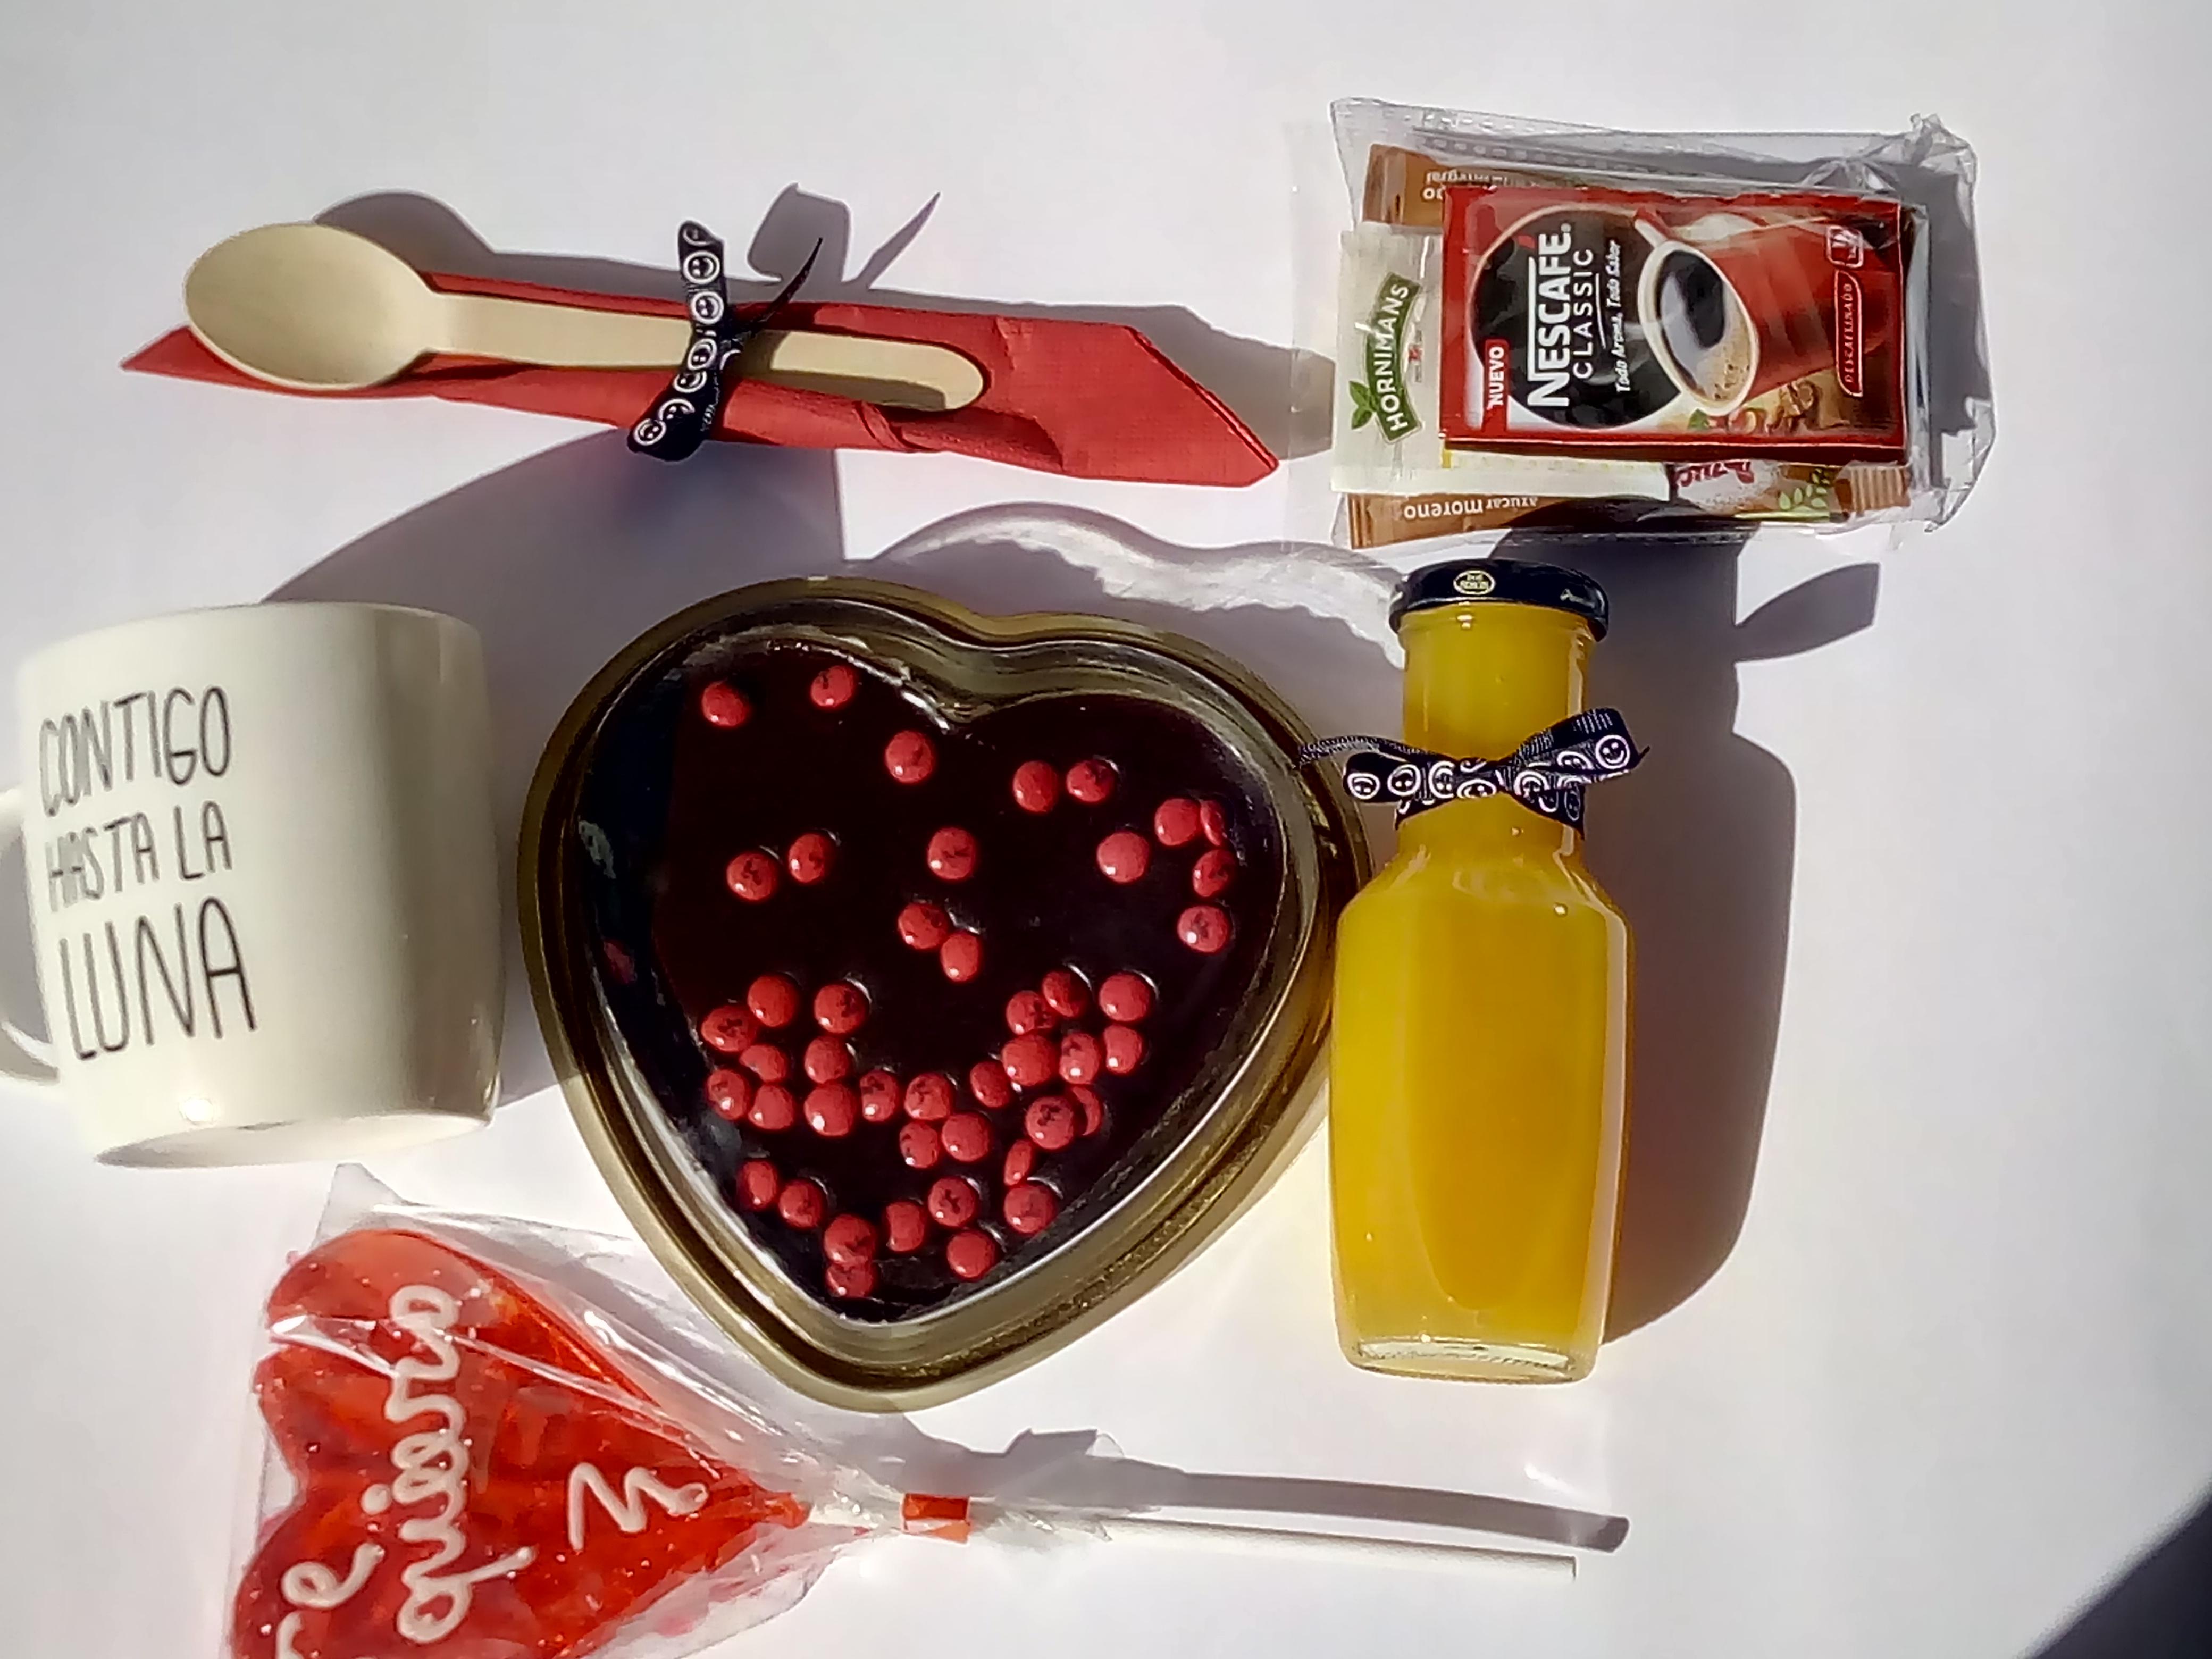 Desayuno san valentin, desayuno enamorados, desayuno sorpresa